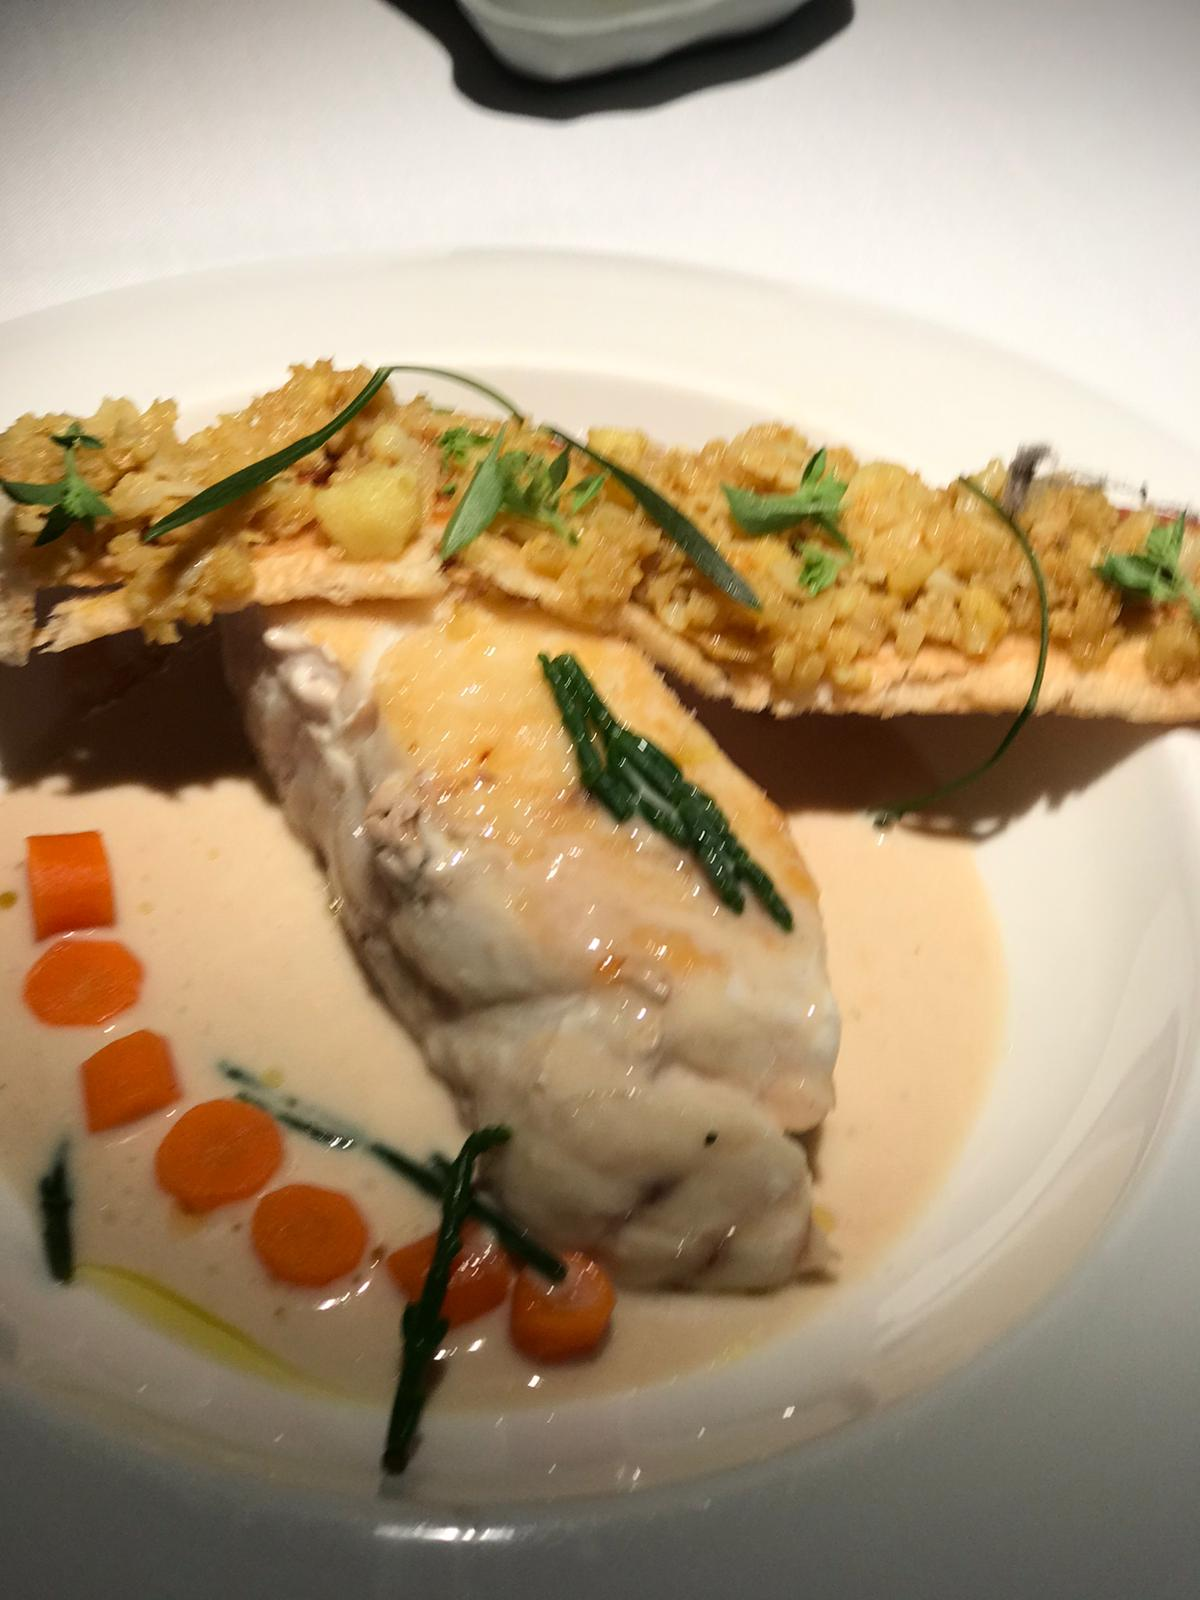 Reseñas gastronómicas: Restaurante Elordi en Villajoyosa 4